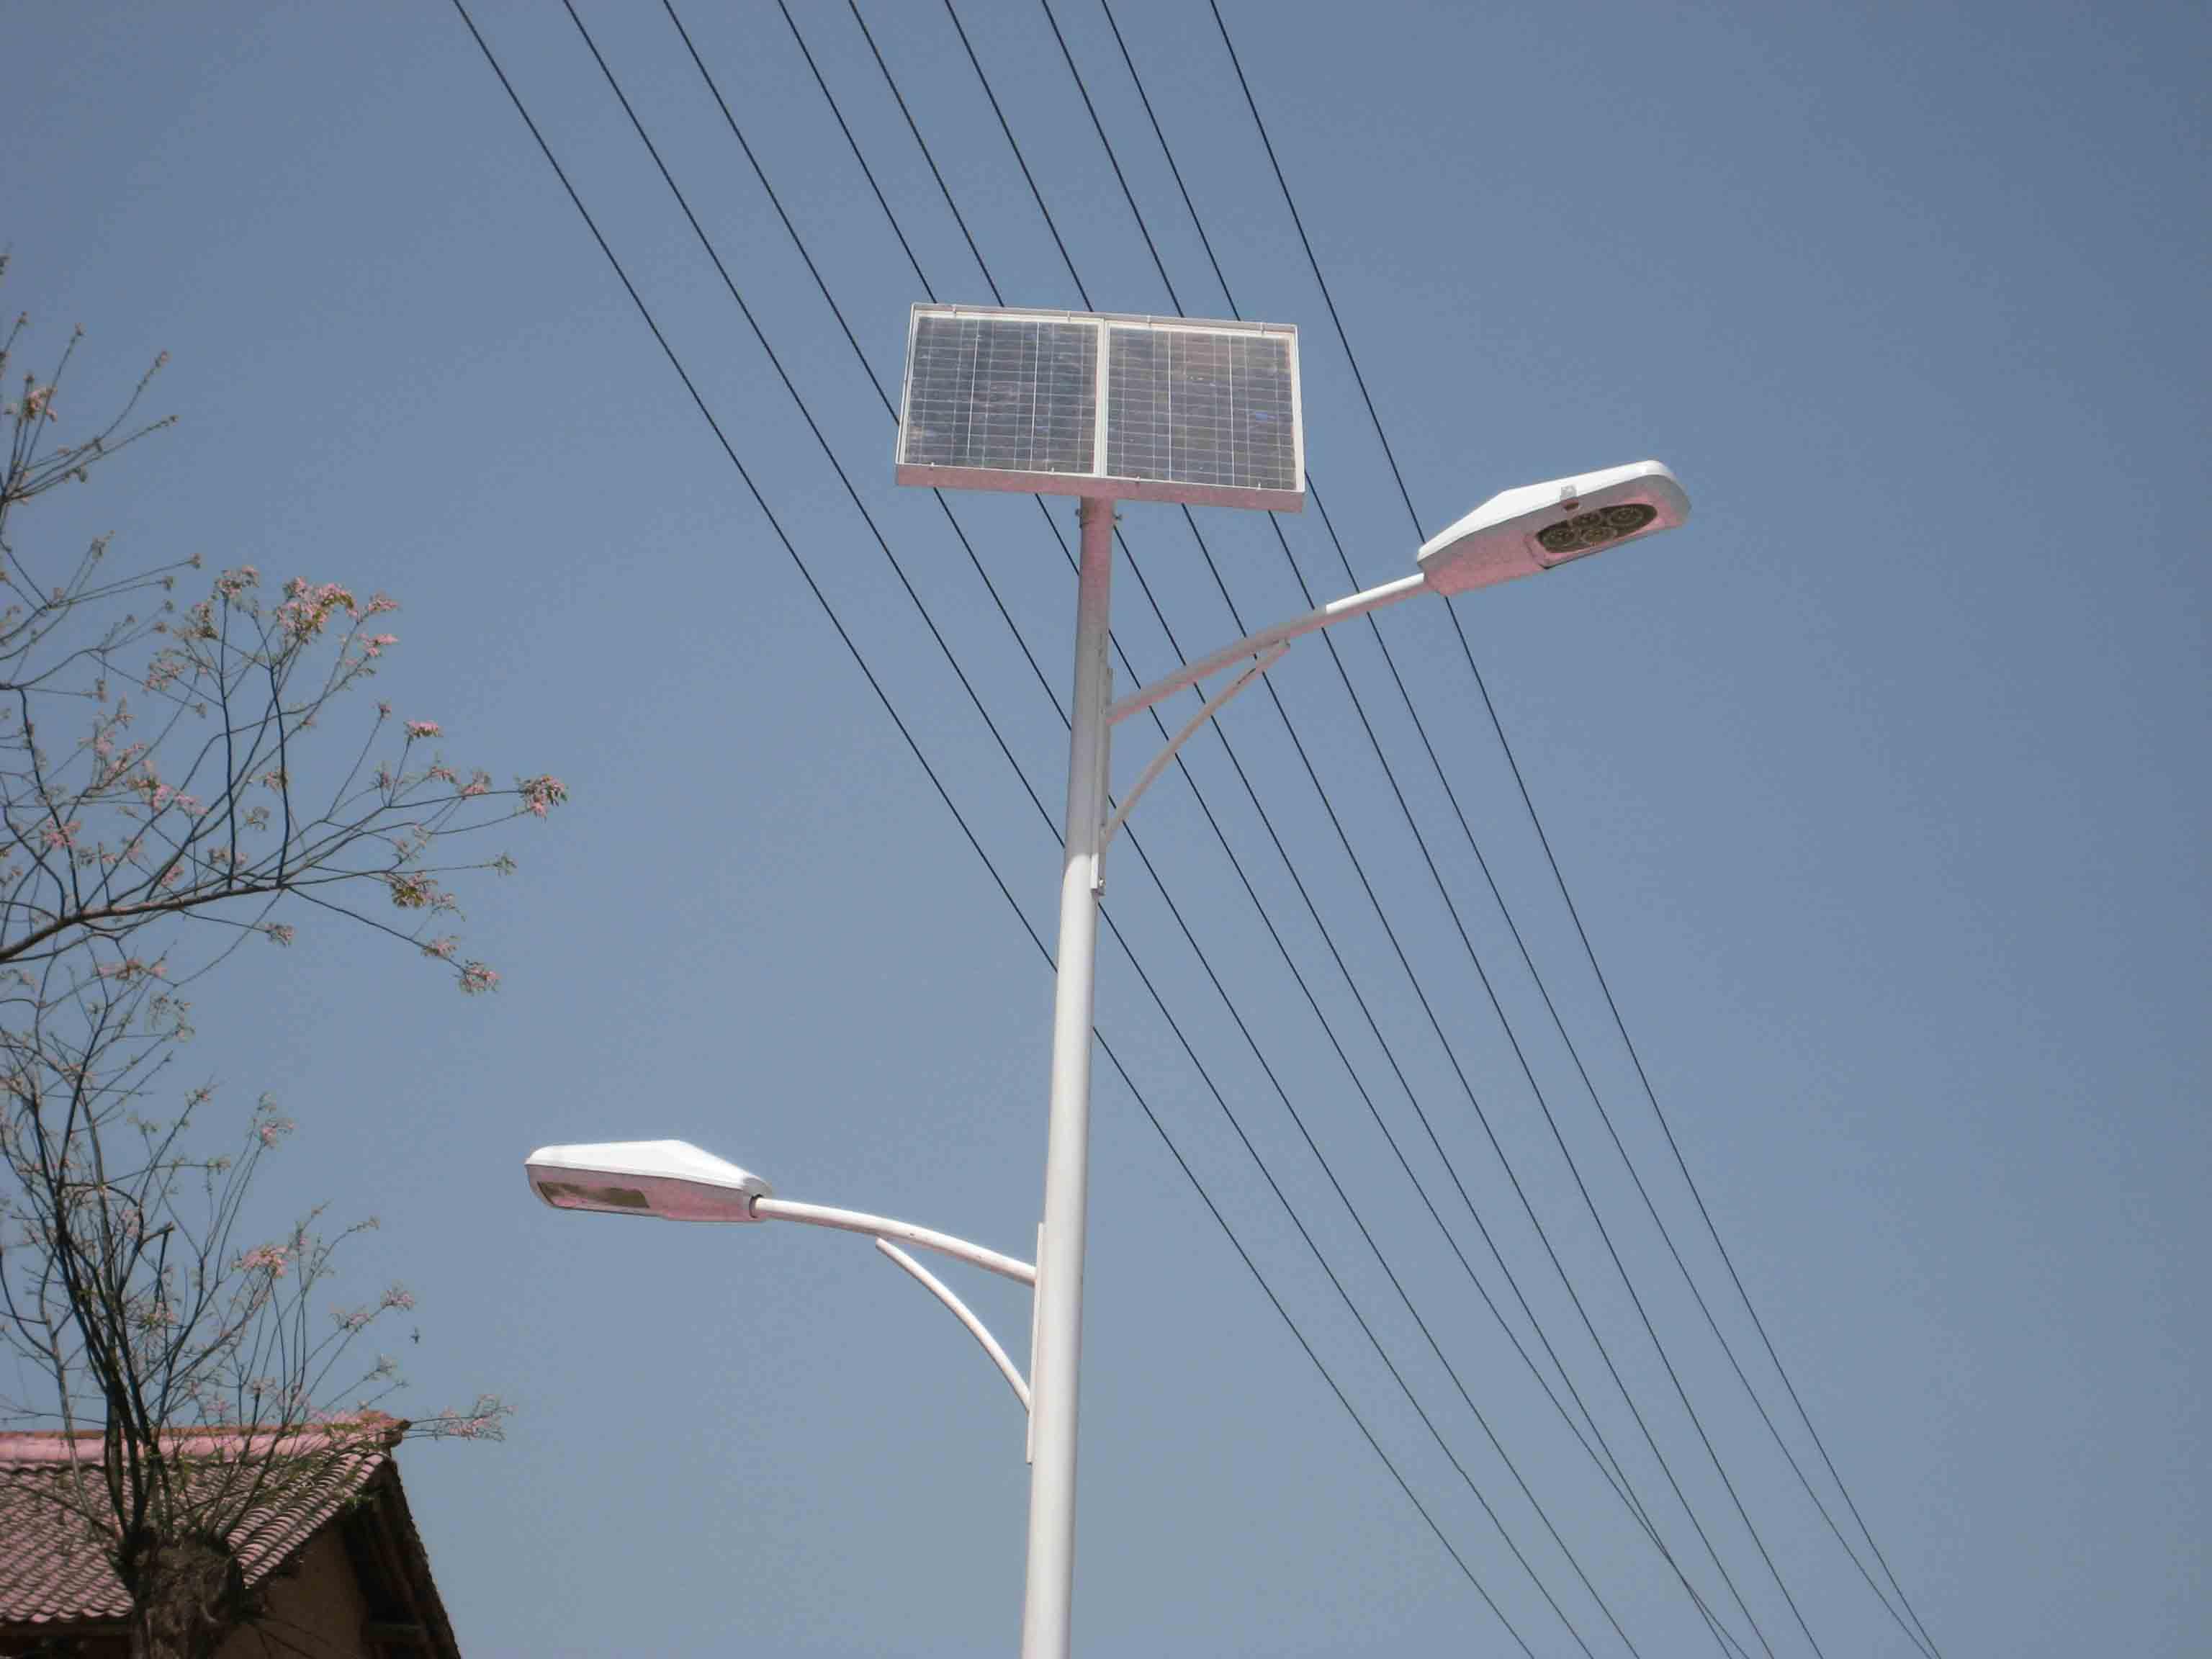 LED太阳能路灯的光源优势: 目前多数路灯选用LED作为光源,LED寿命长,可以达到100000小时以上,工作电压低,非常适合应用在太阳能草坪灯上。特别是LED技术已经经了其关键的突破,并且其特性在过去5年中有很大提高,其性能价格比也有较大的提高。另外,LED太阳能路灯由低压直流供电,其光源控制成本低,使调节明暗,频繁开关都成为可能,并且不会对LED的性能产生不良影响。还可以方便地控制?